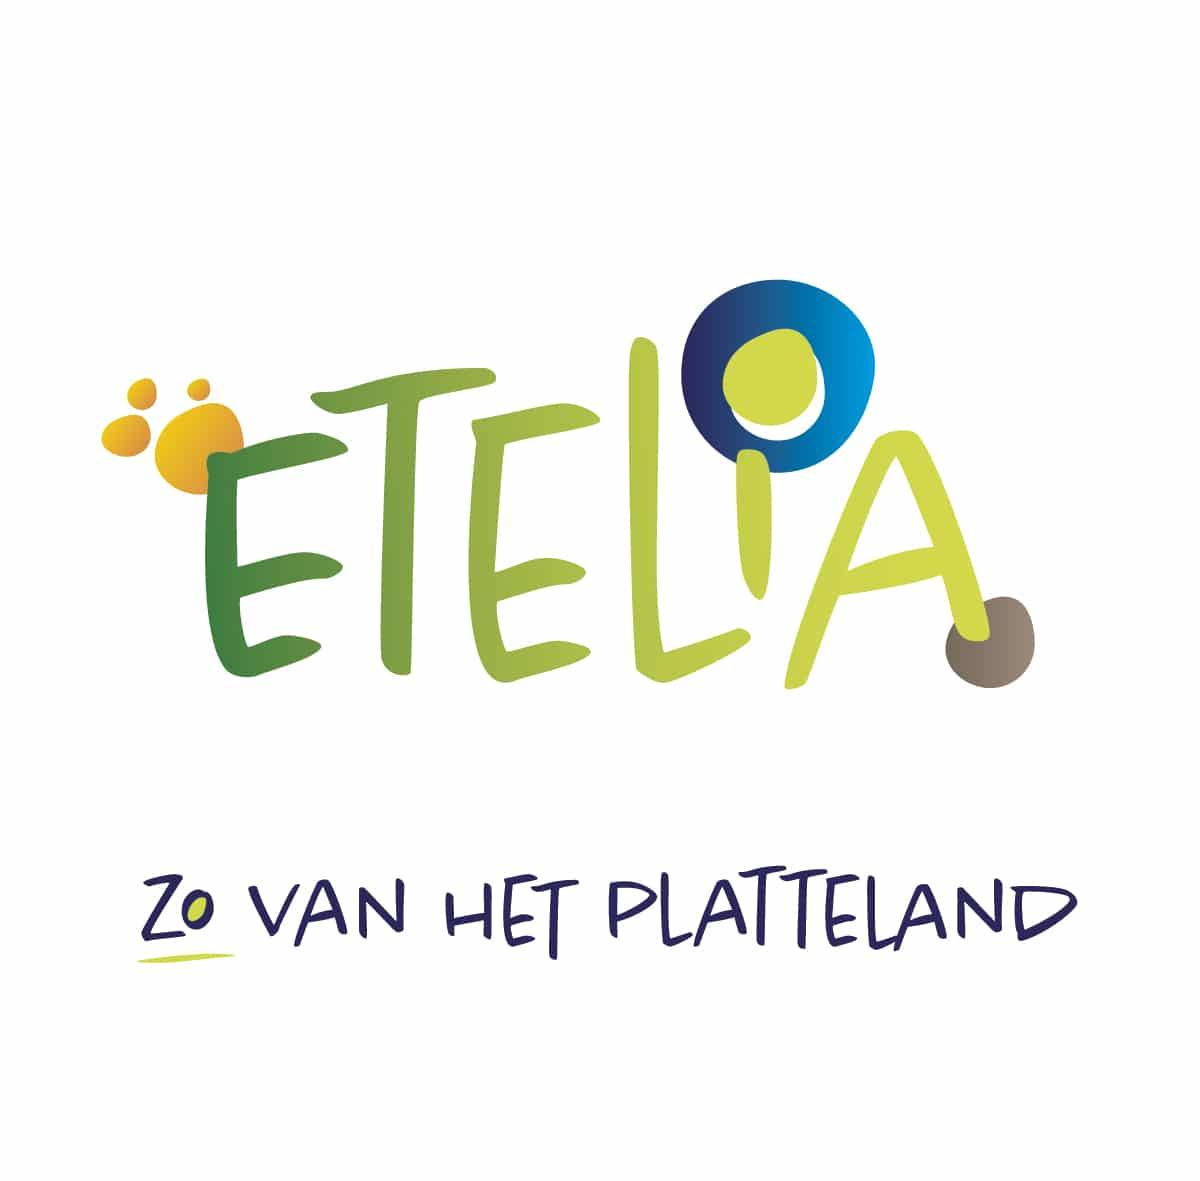 denkFrank_etelia_merkdesign_logo